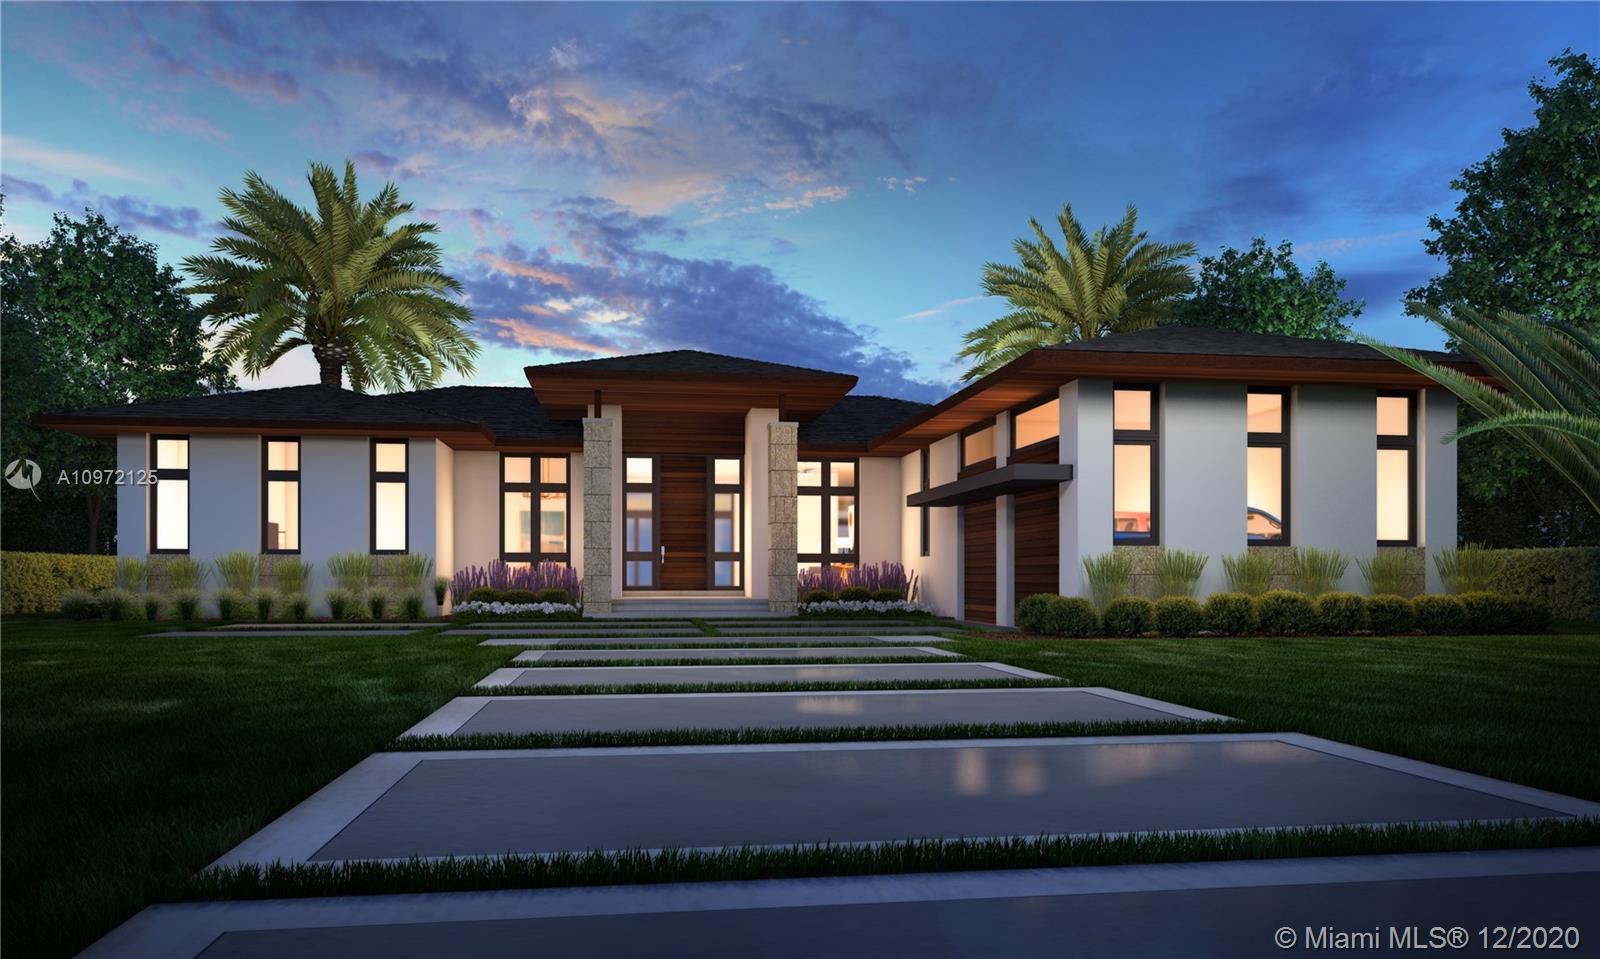 South Miami - 5941 SW 87th Ave, Miami, FL 33173